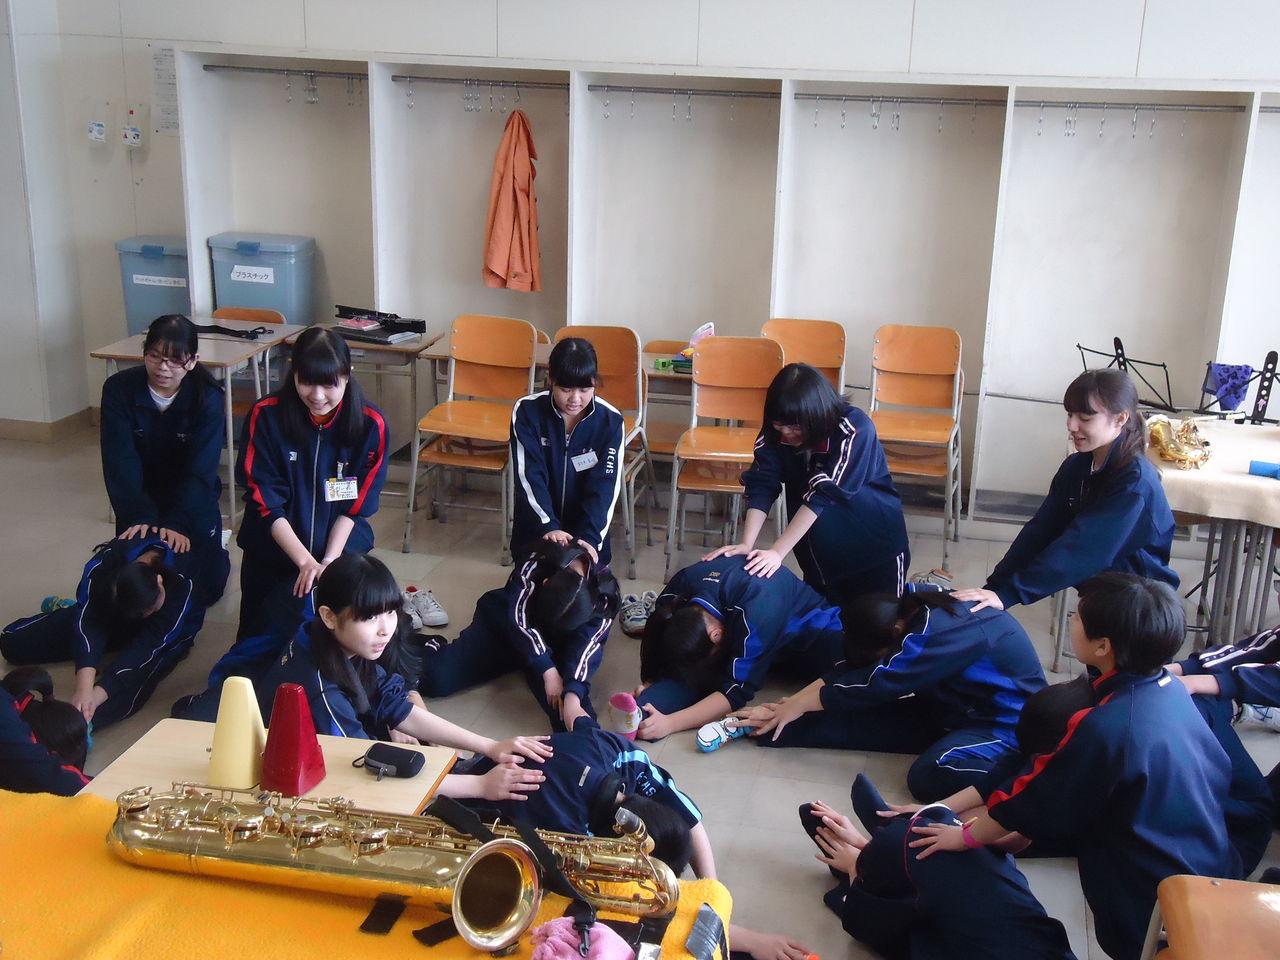 札幌 市立 中央 中学校